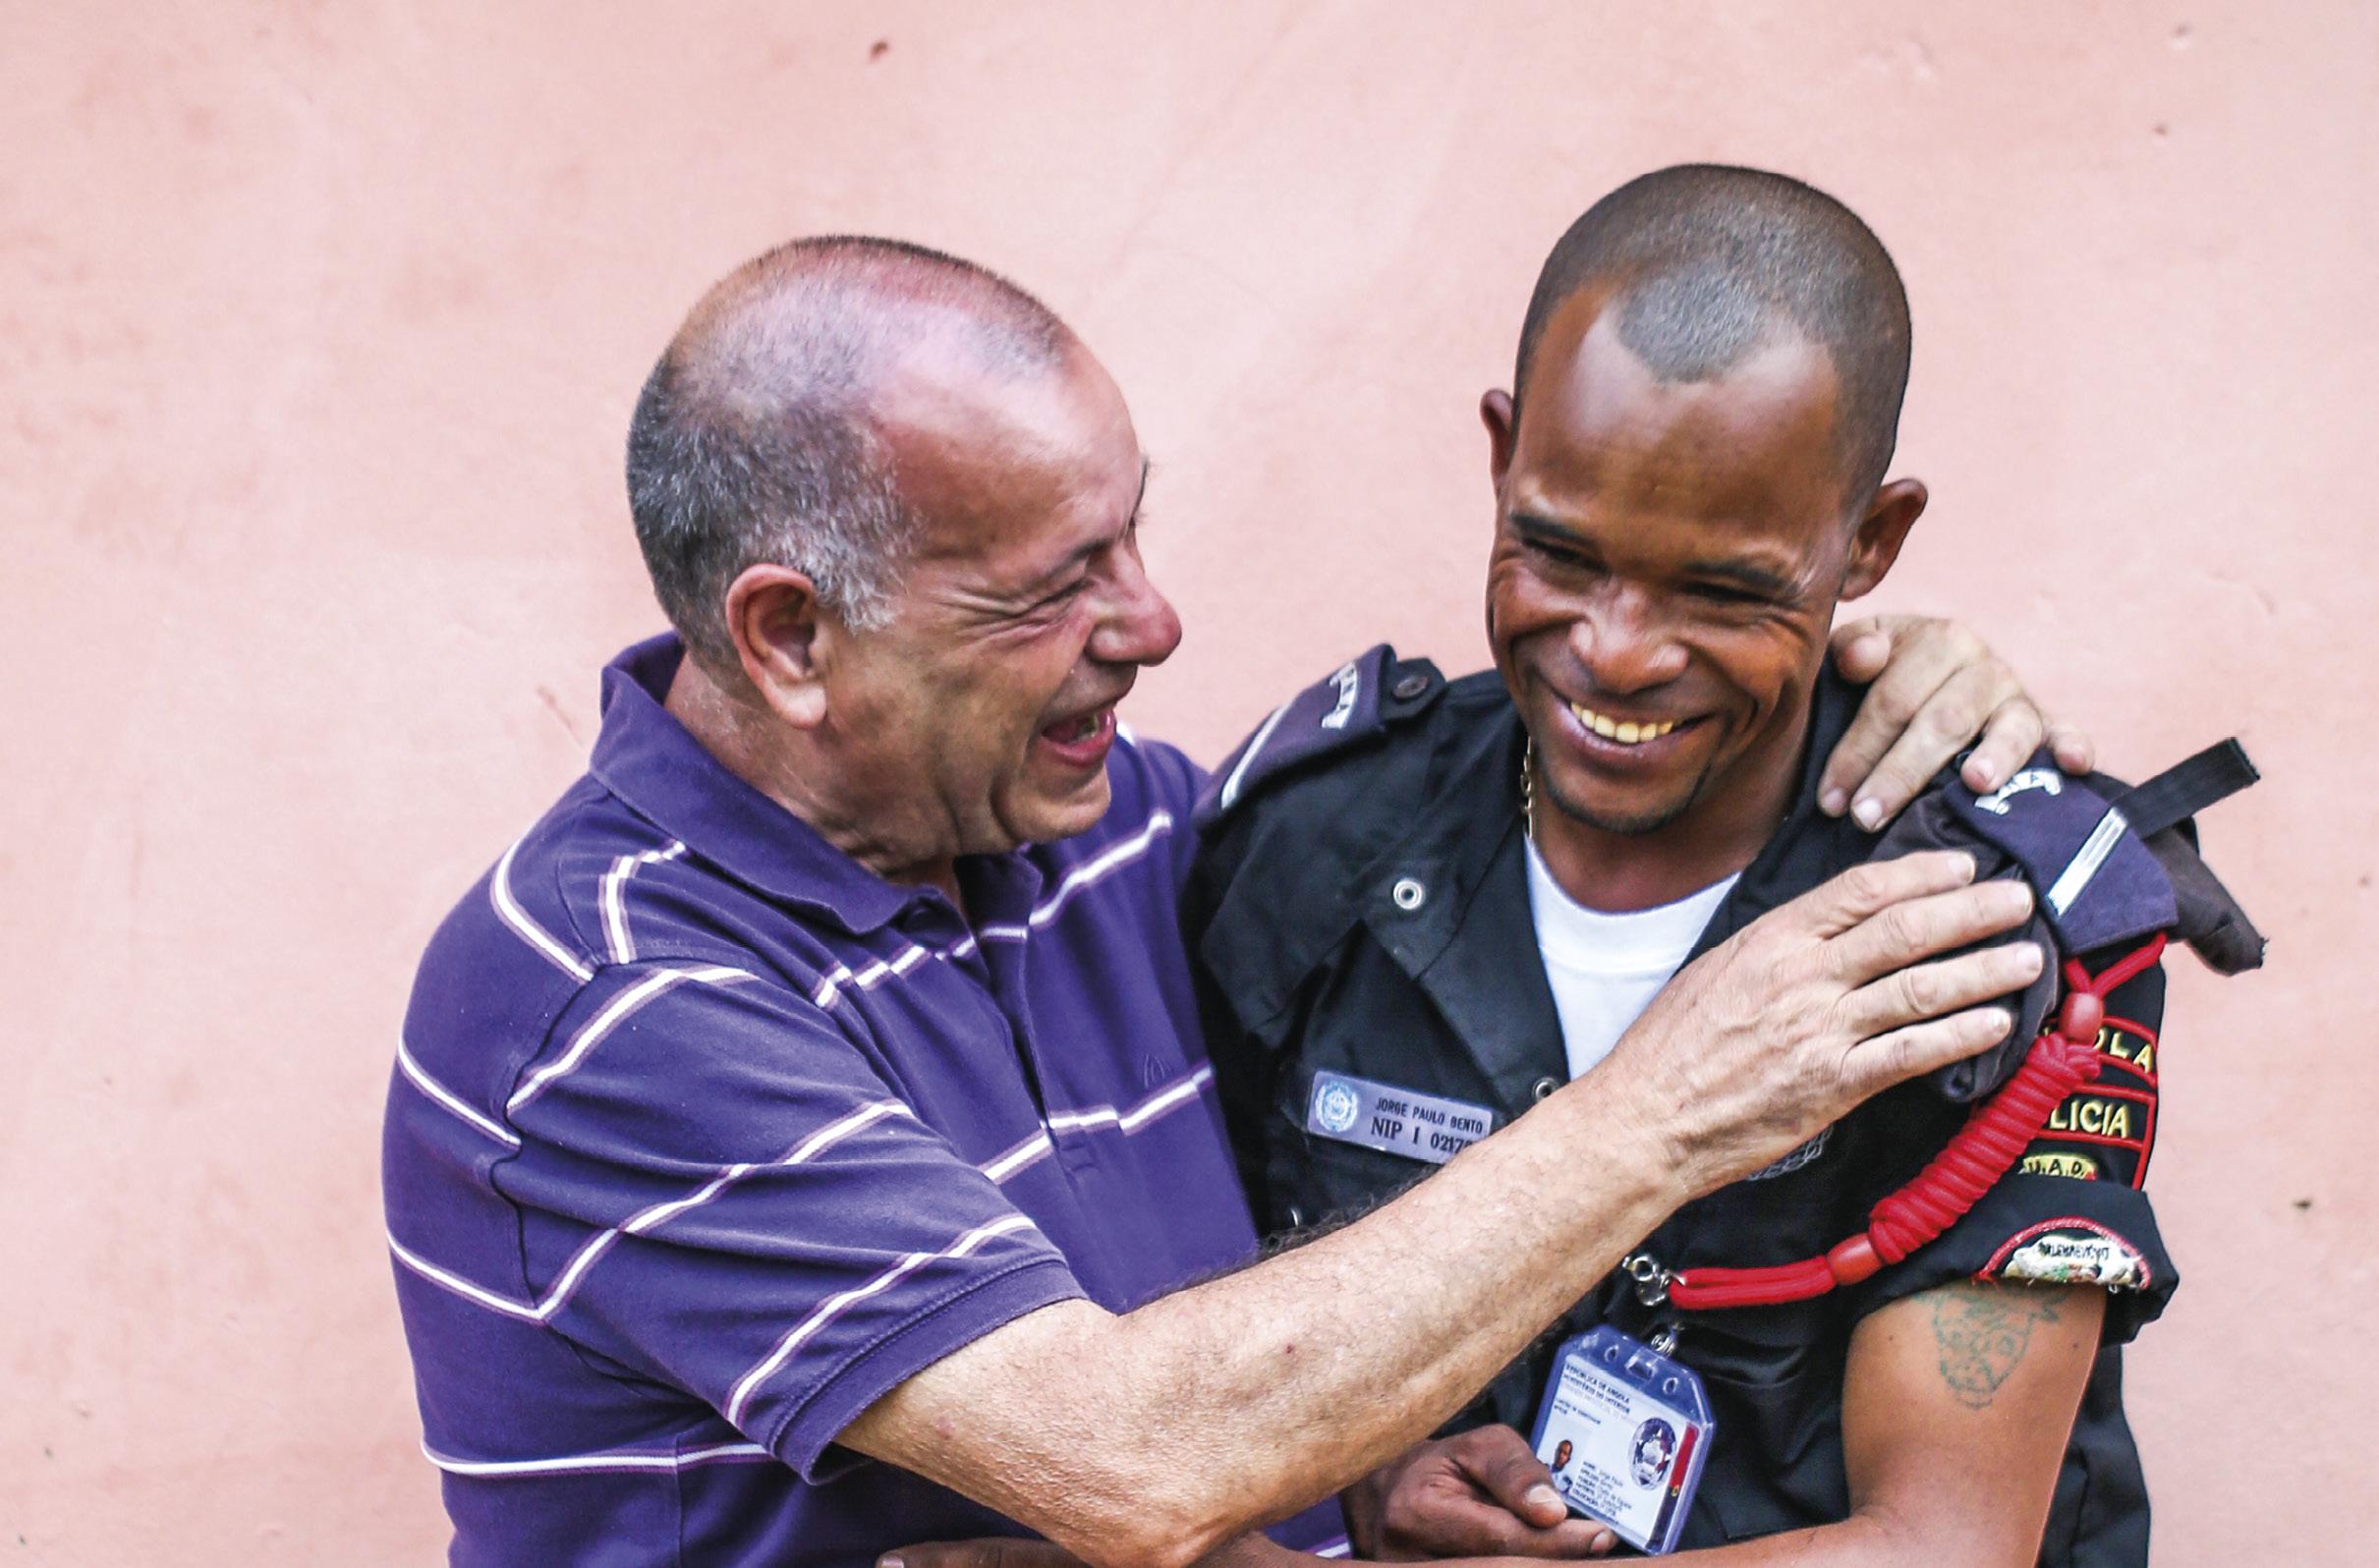 António Bento e o filho. Foto de Manuel Roberto.